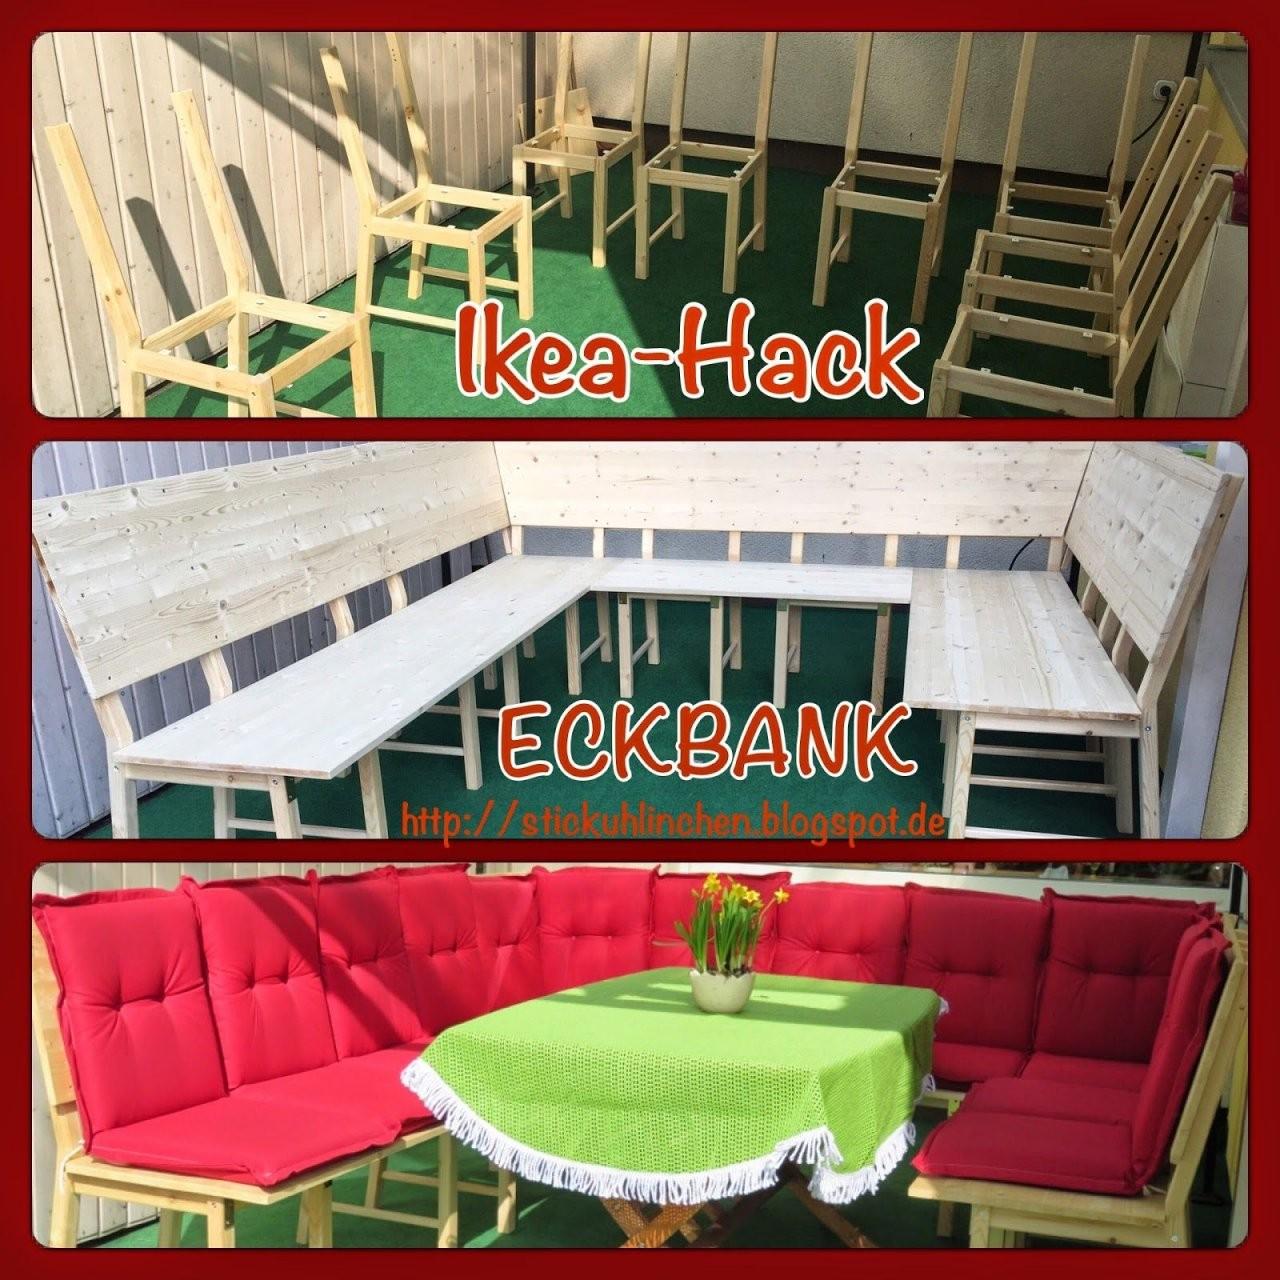 Diy Ikea Hack  Aus 8 Stühlen Wird Eine Große Eckbank Bzw Lounge von Eckbank Selber Bauen Ikea Bild